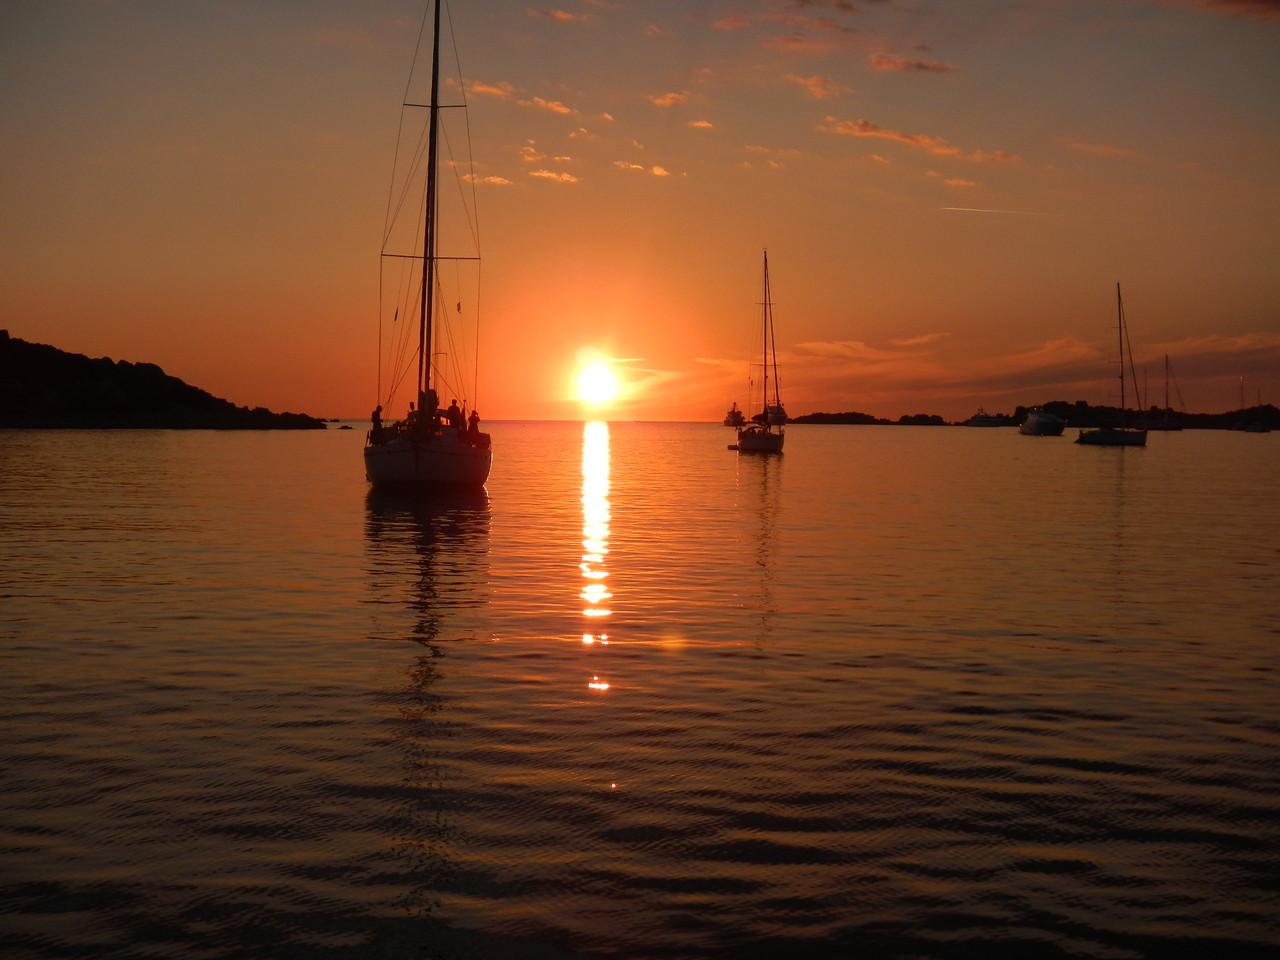 Sonnenuntergang im Inseldreieck, das Maddalena Archipel romantischer Segeltörn für Alleinreisende